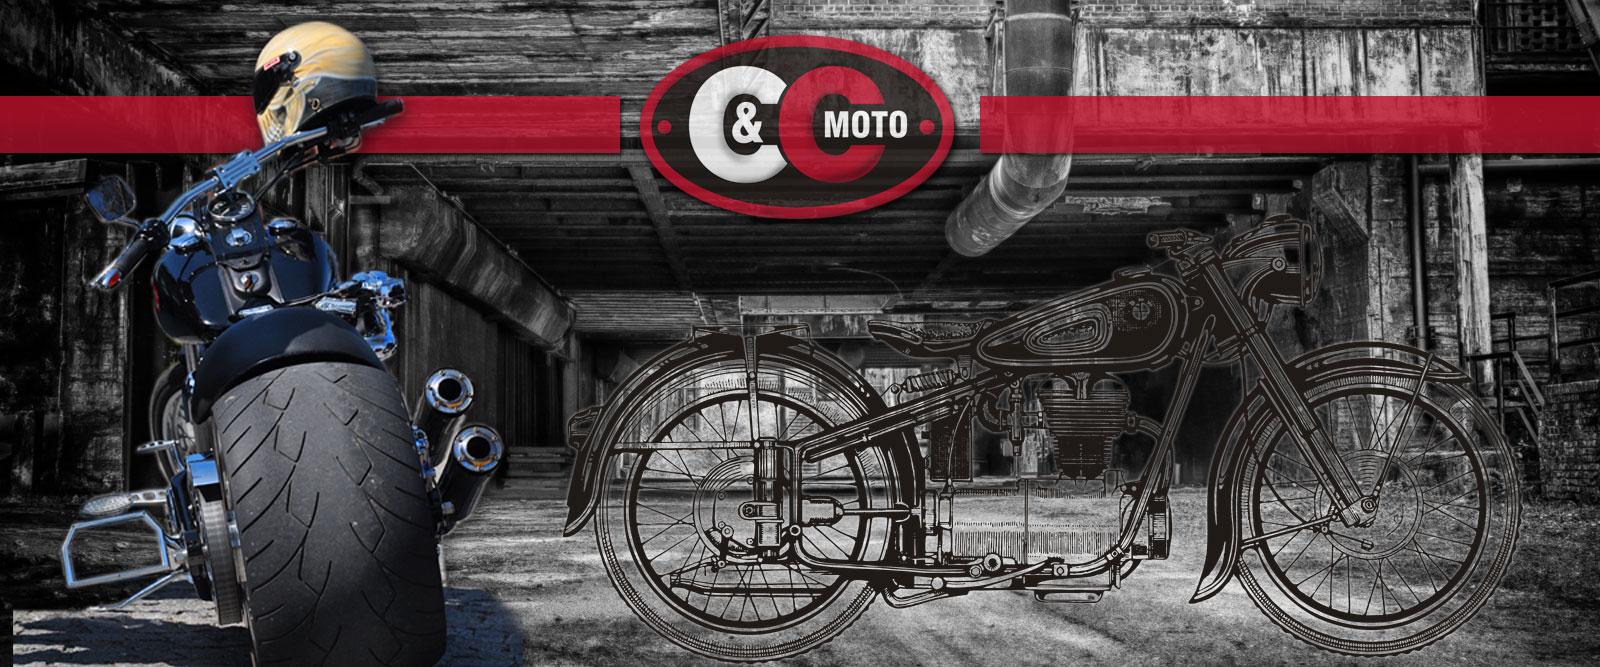 Náhradní díly a příslušenství pro motocykly